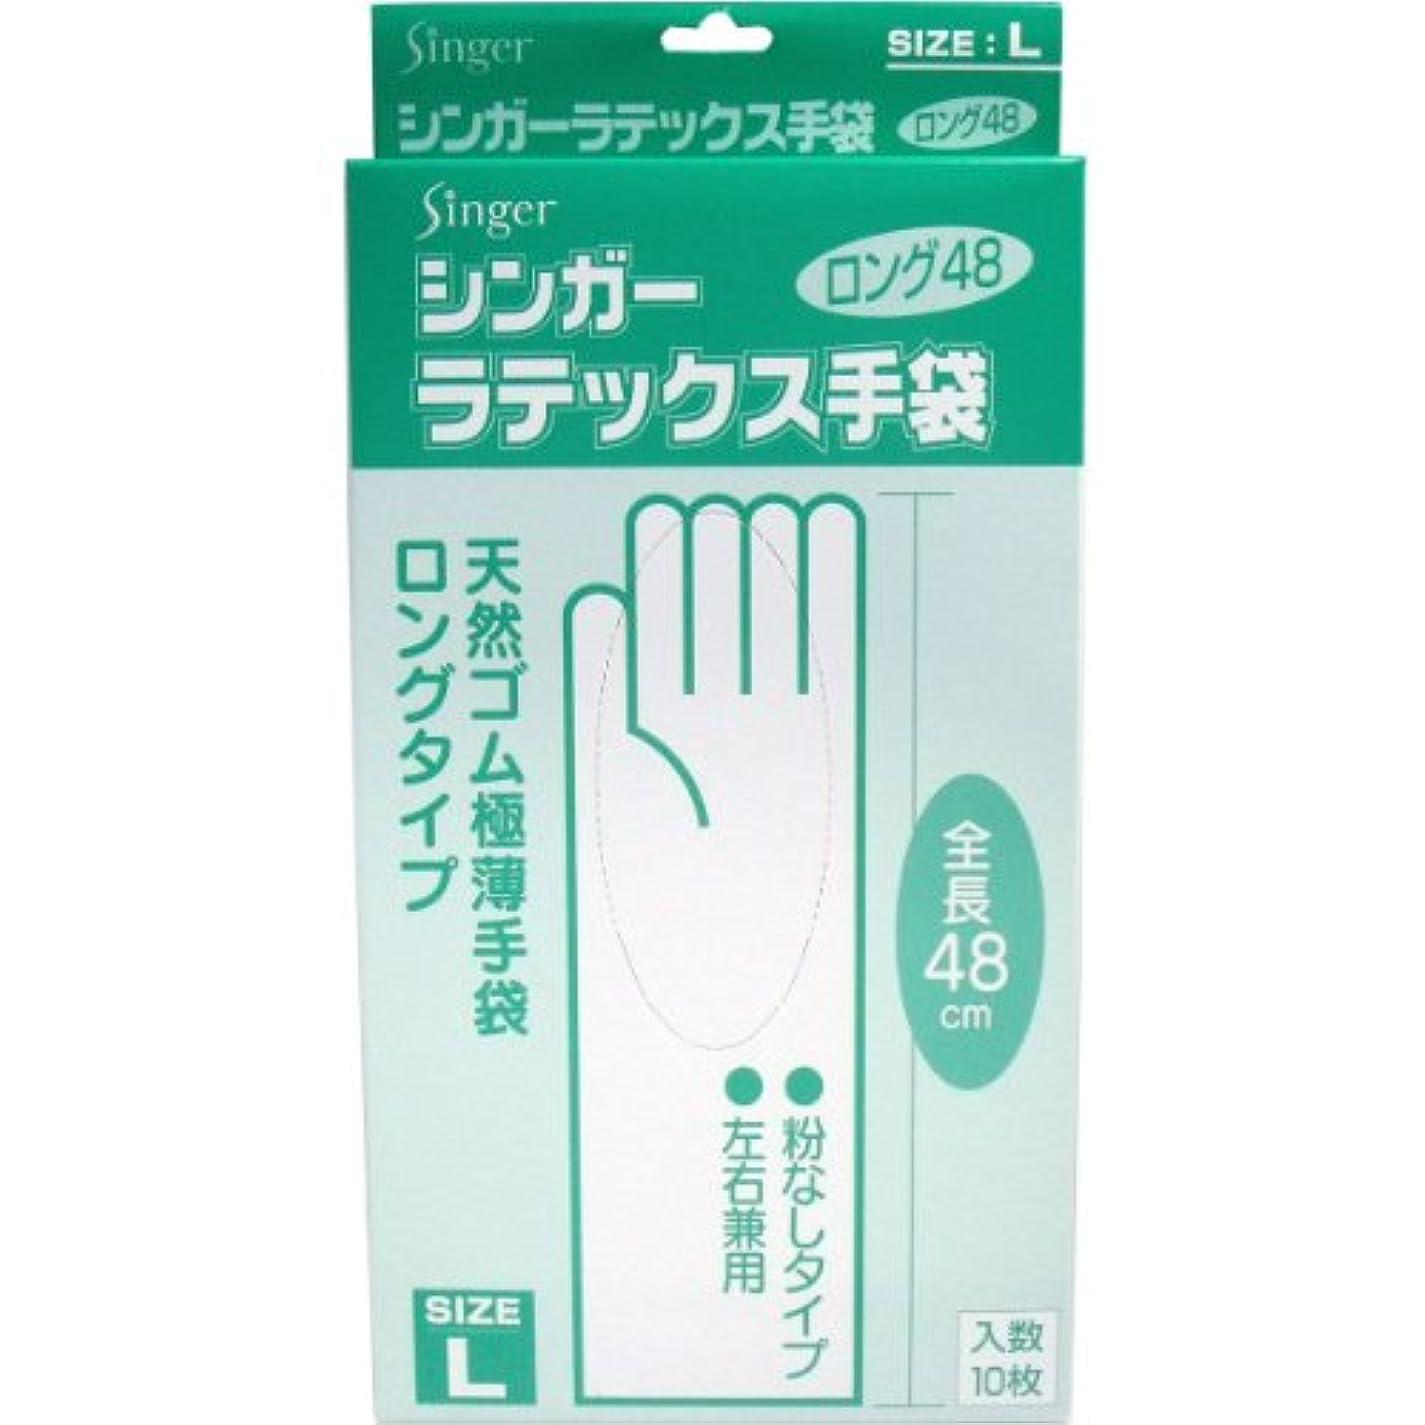 ヘビーれる継承シンガーラテックス手袋 天然ゴム極薄手袋 ロングタイプ Lサイズ 10枚入